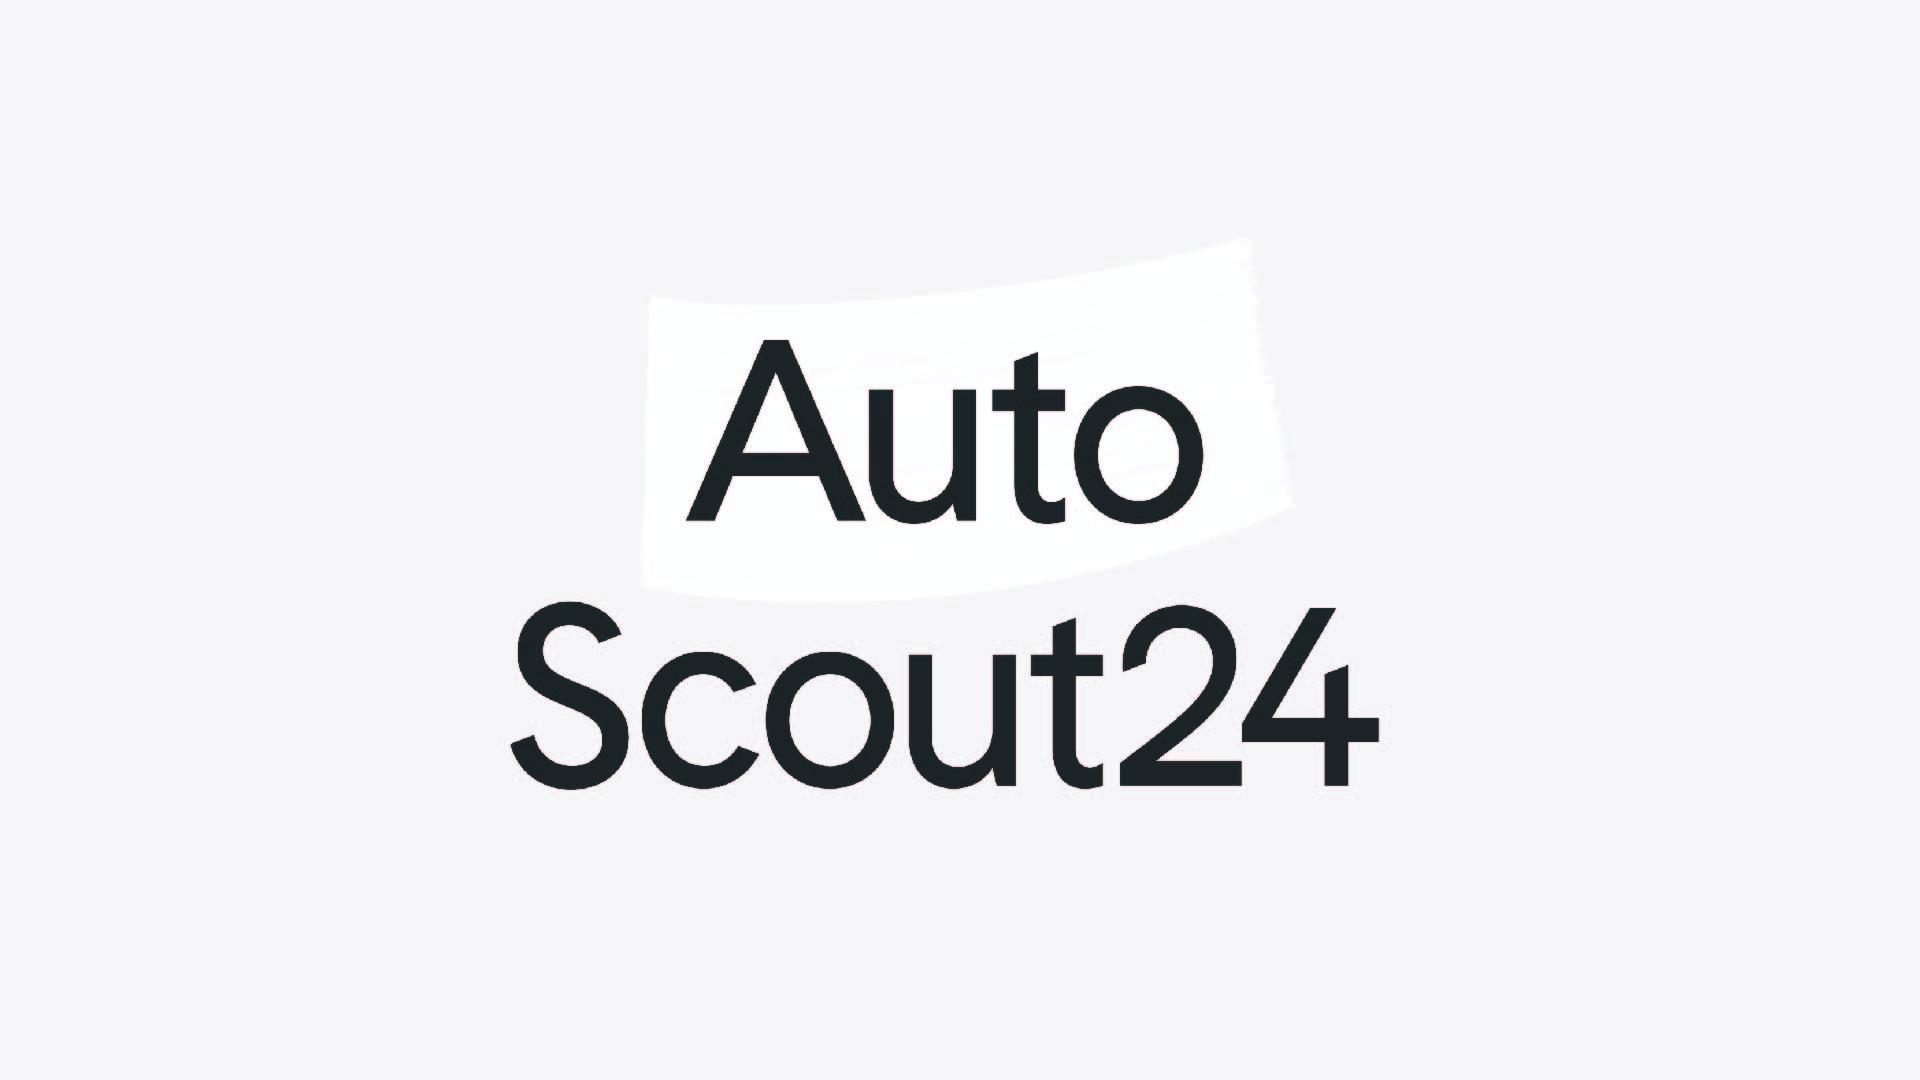 Auto Scout24